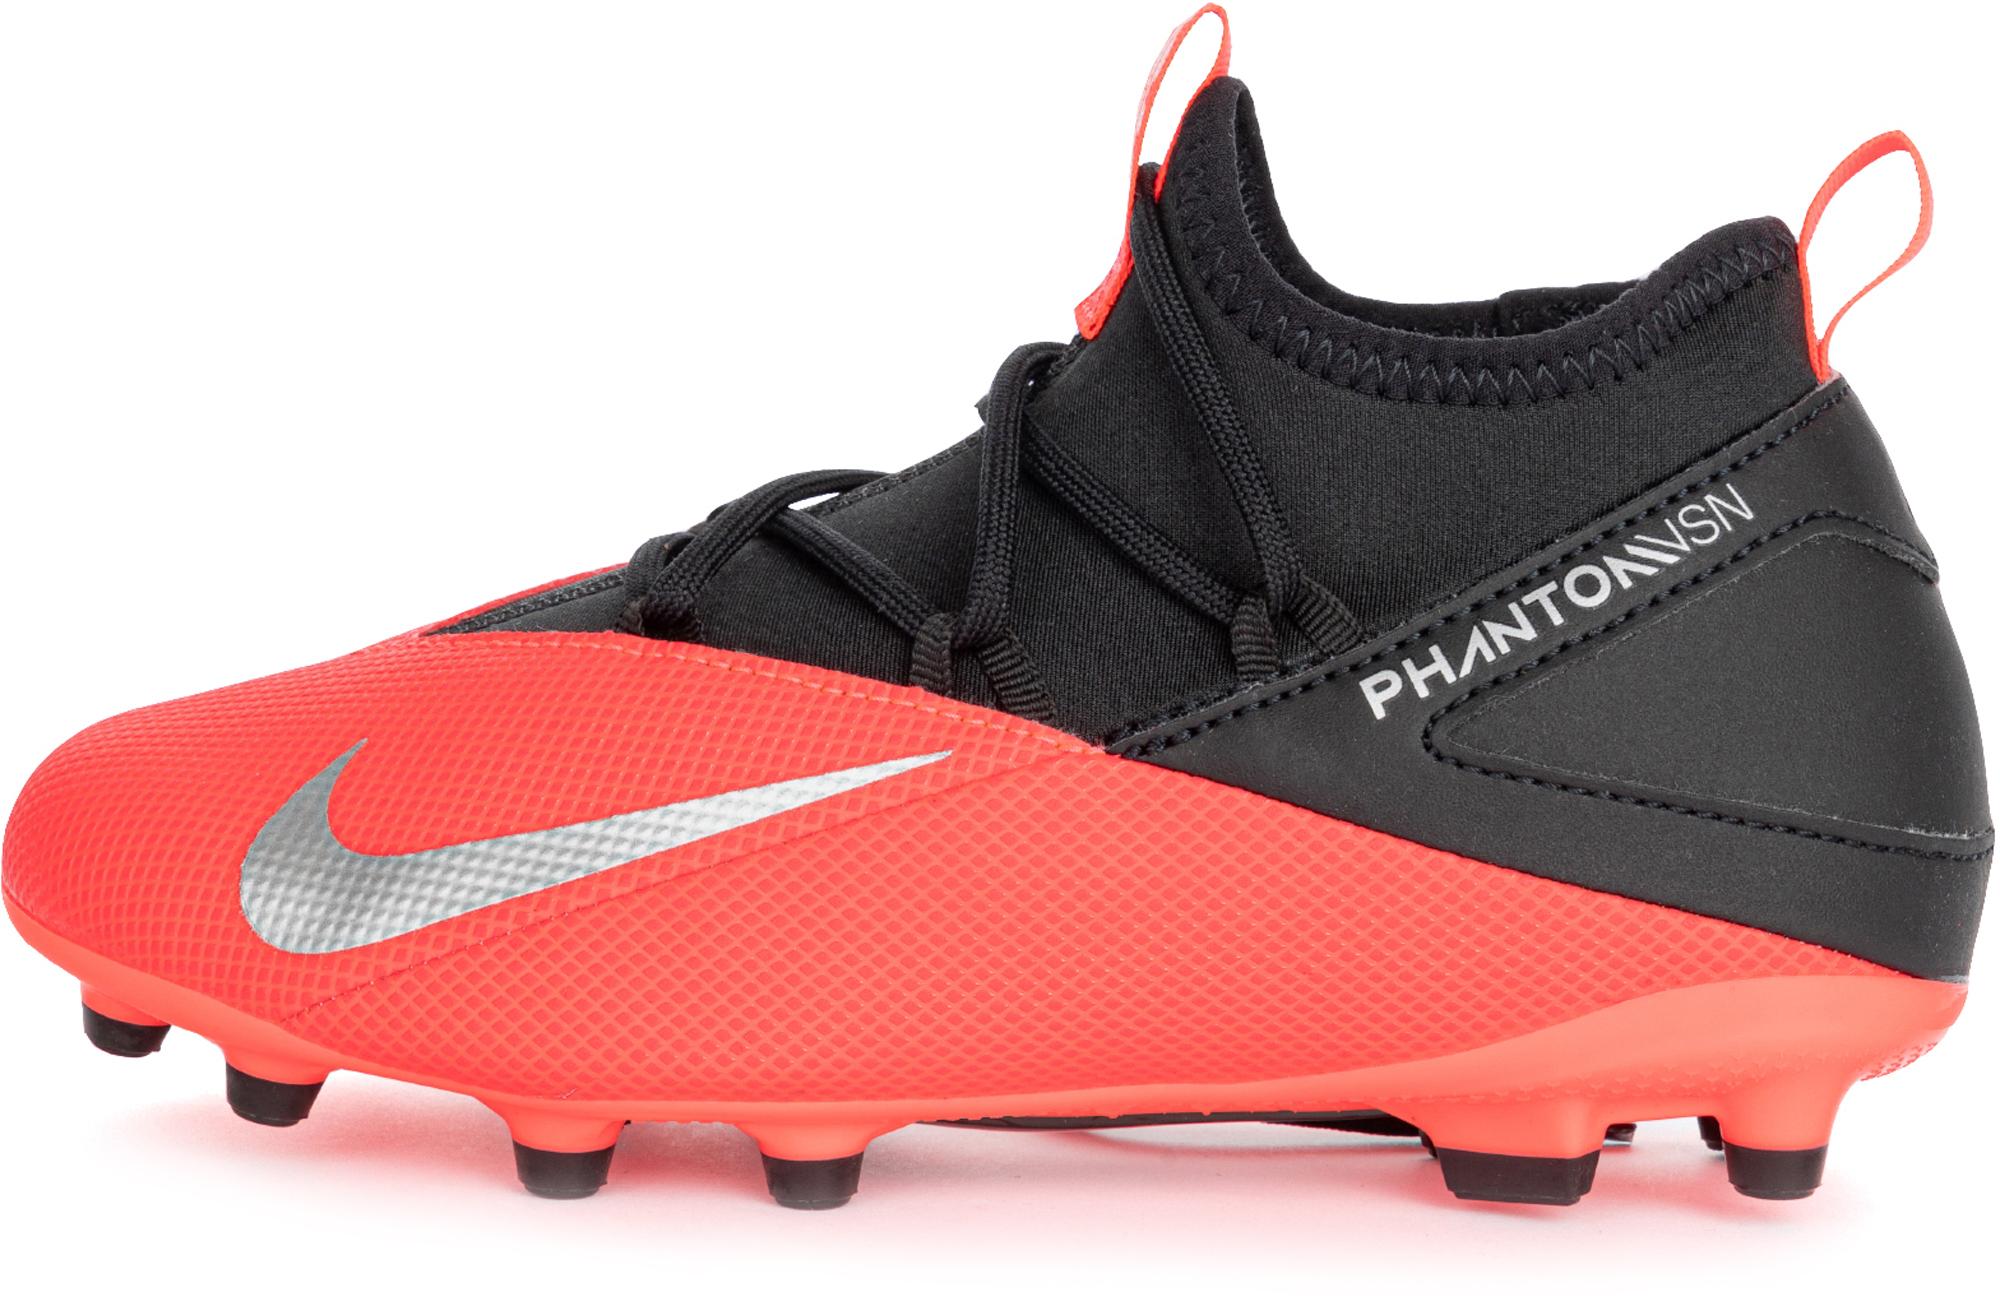 цена Nike Бутсы для мальчиков Nike Phantom Vision 2 Club Dynamic Fit MG, размер 37.5 онлайн в 2017 году